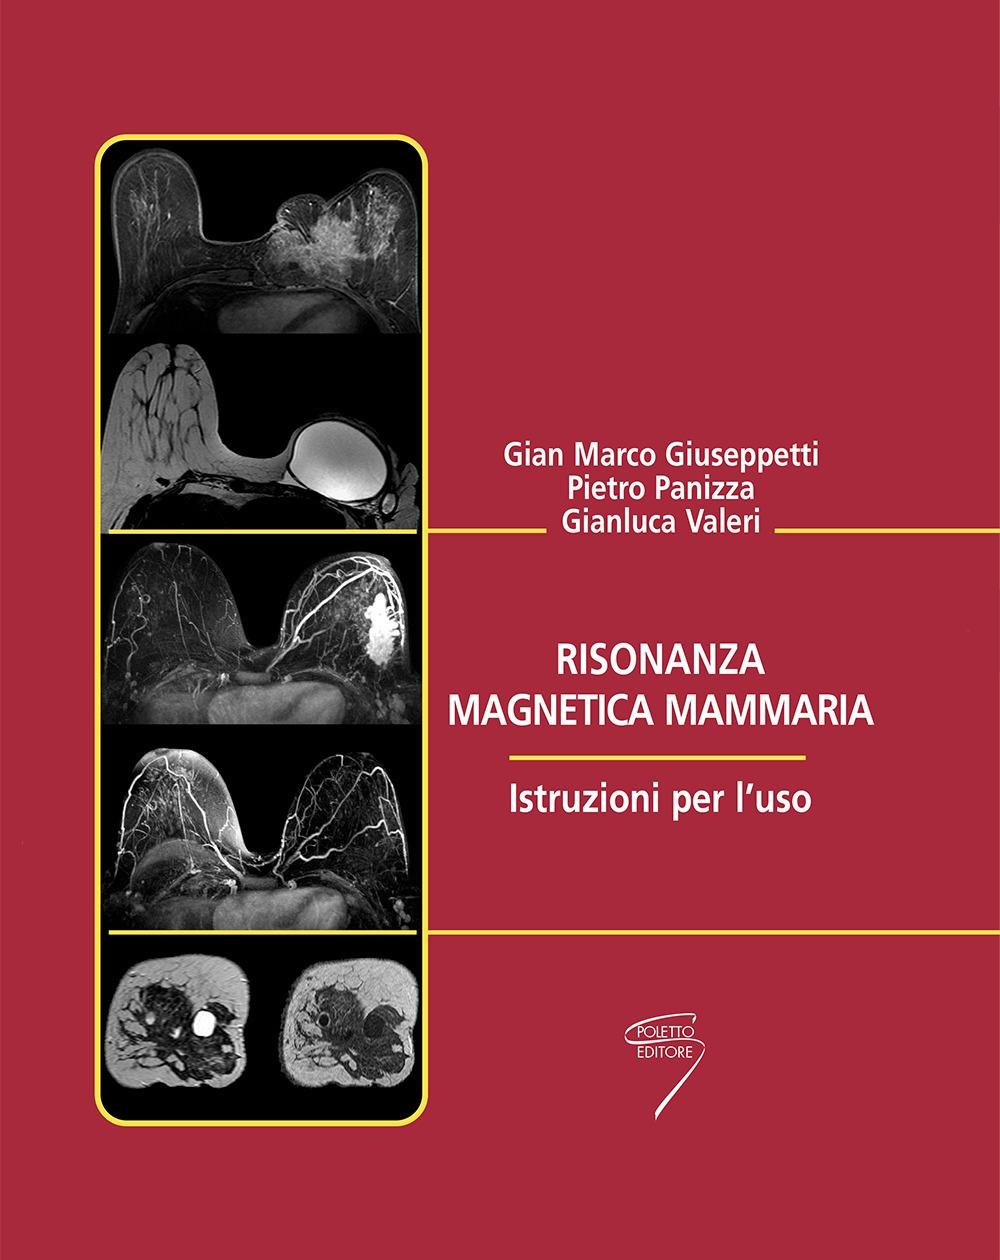 Risonanza magnetica mammaria. Istruzioni per l'uso